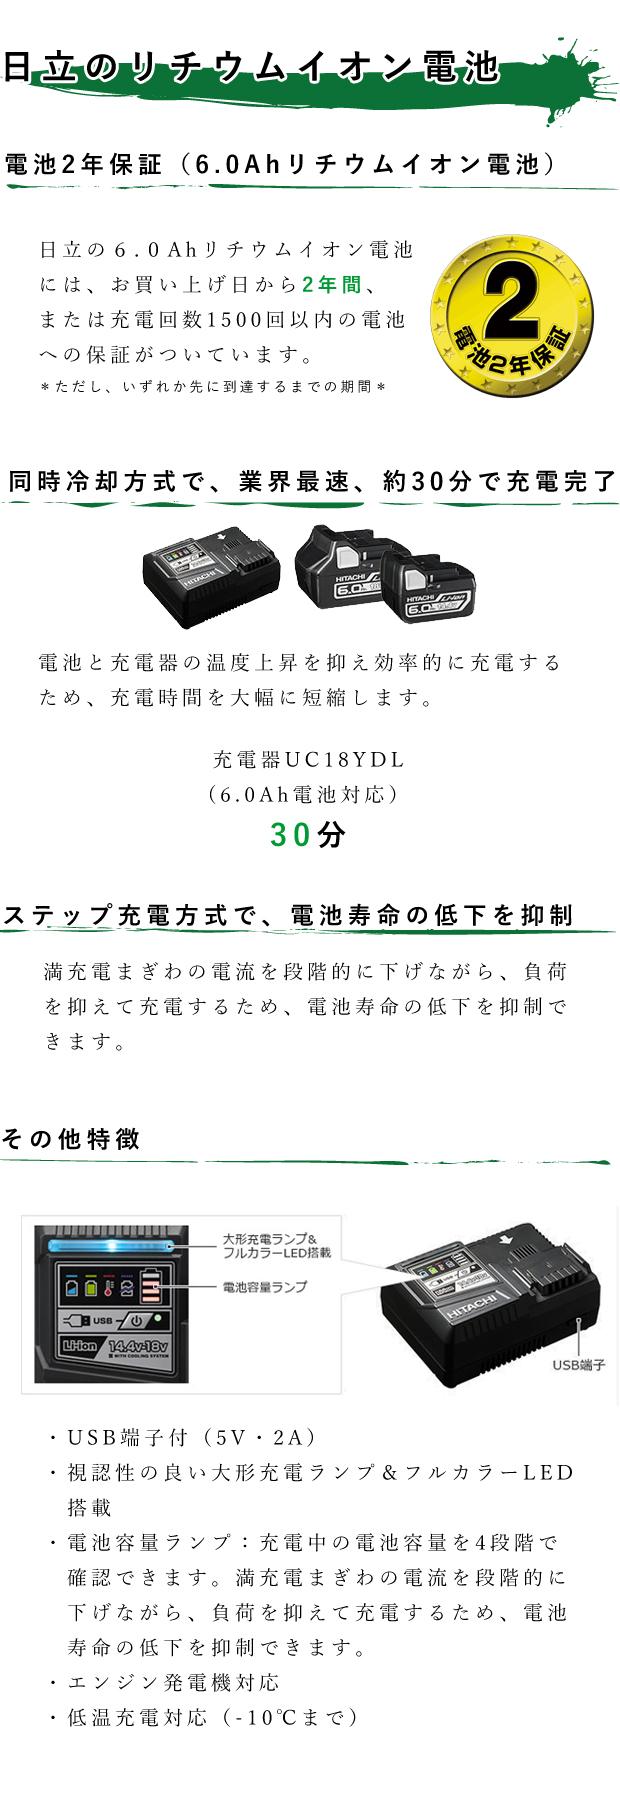 日立 14.4V-6.0Ah コードレスディスクグラインダ(ブレーキ付) G14DBBVL